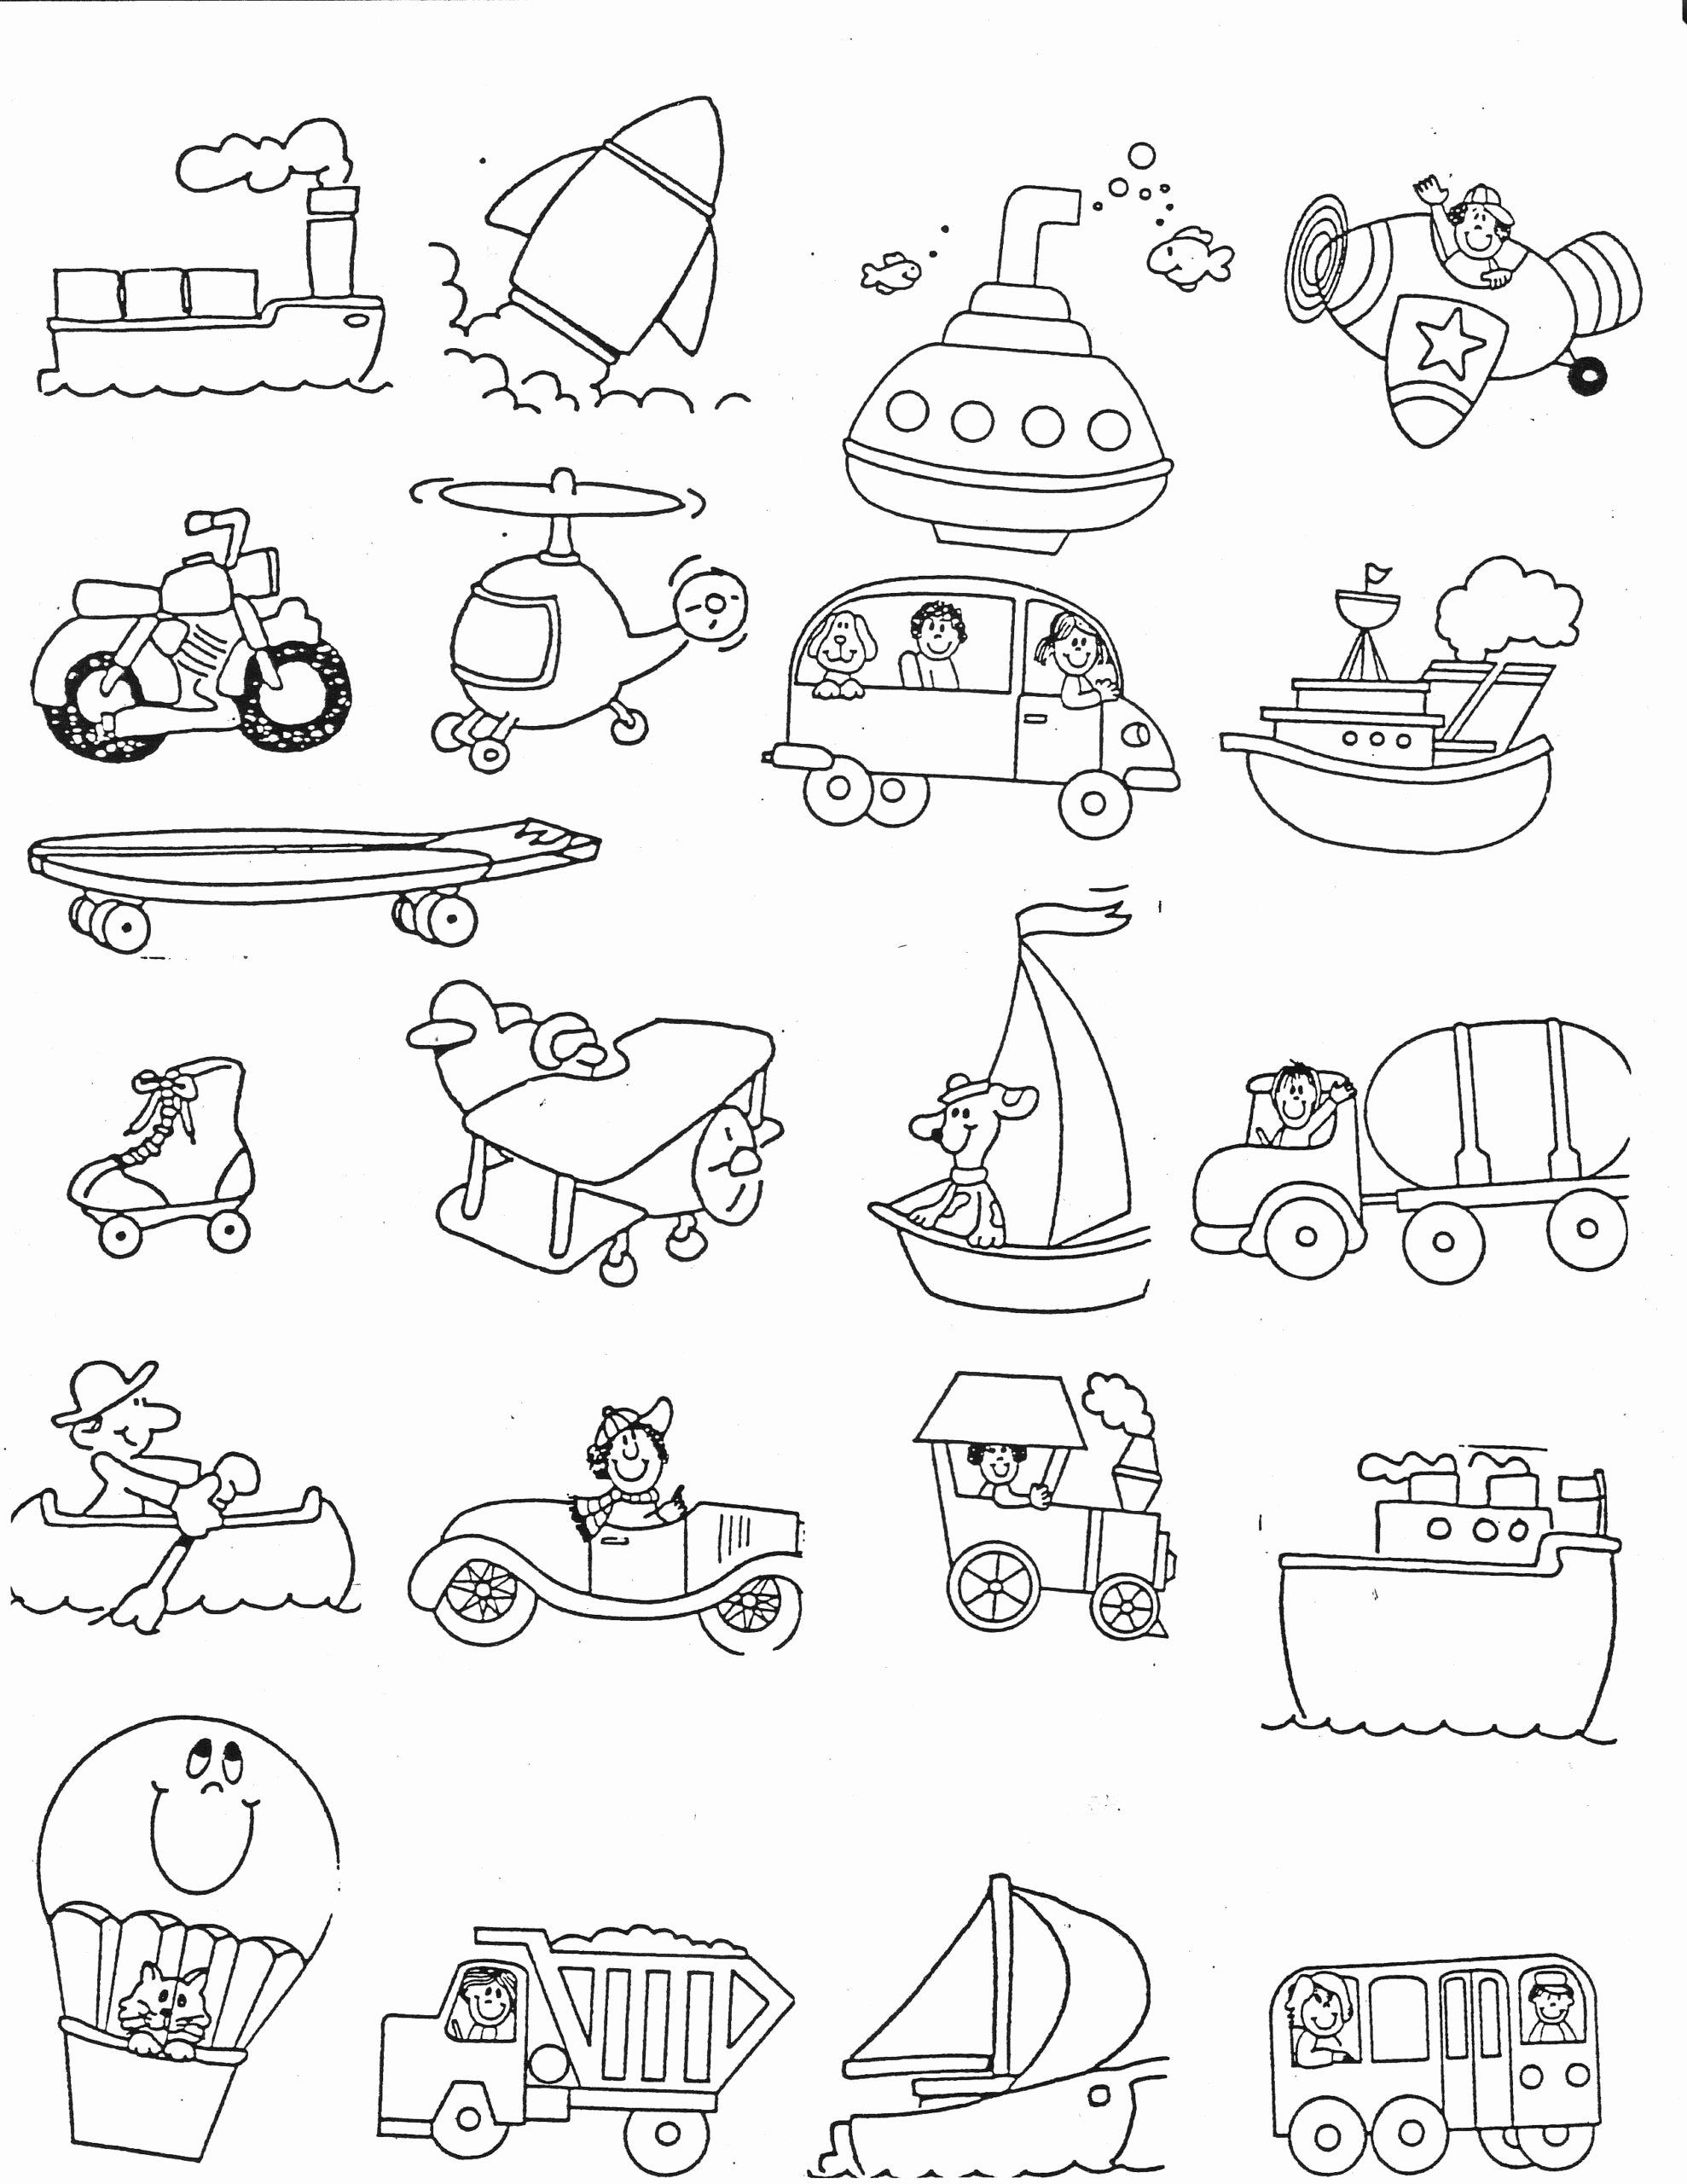 Worksheets for Preschoolers Transportation Inspirational Worksheets Transportation Kindergarten Nana Half Worksheet